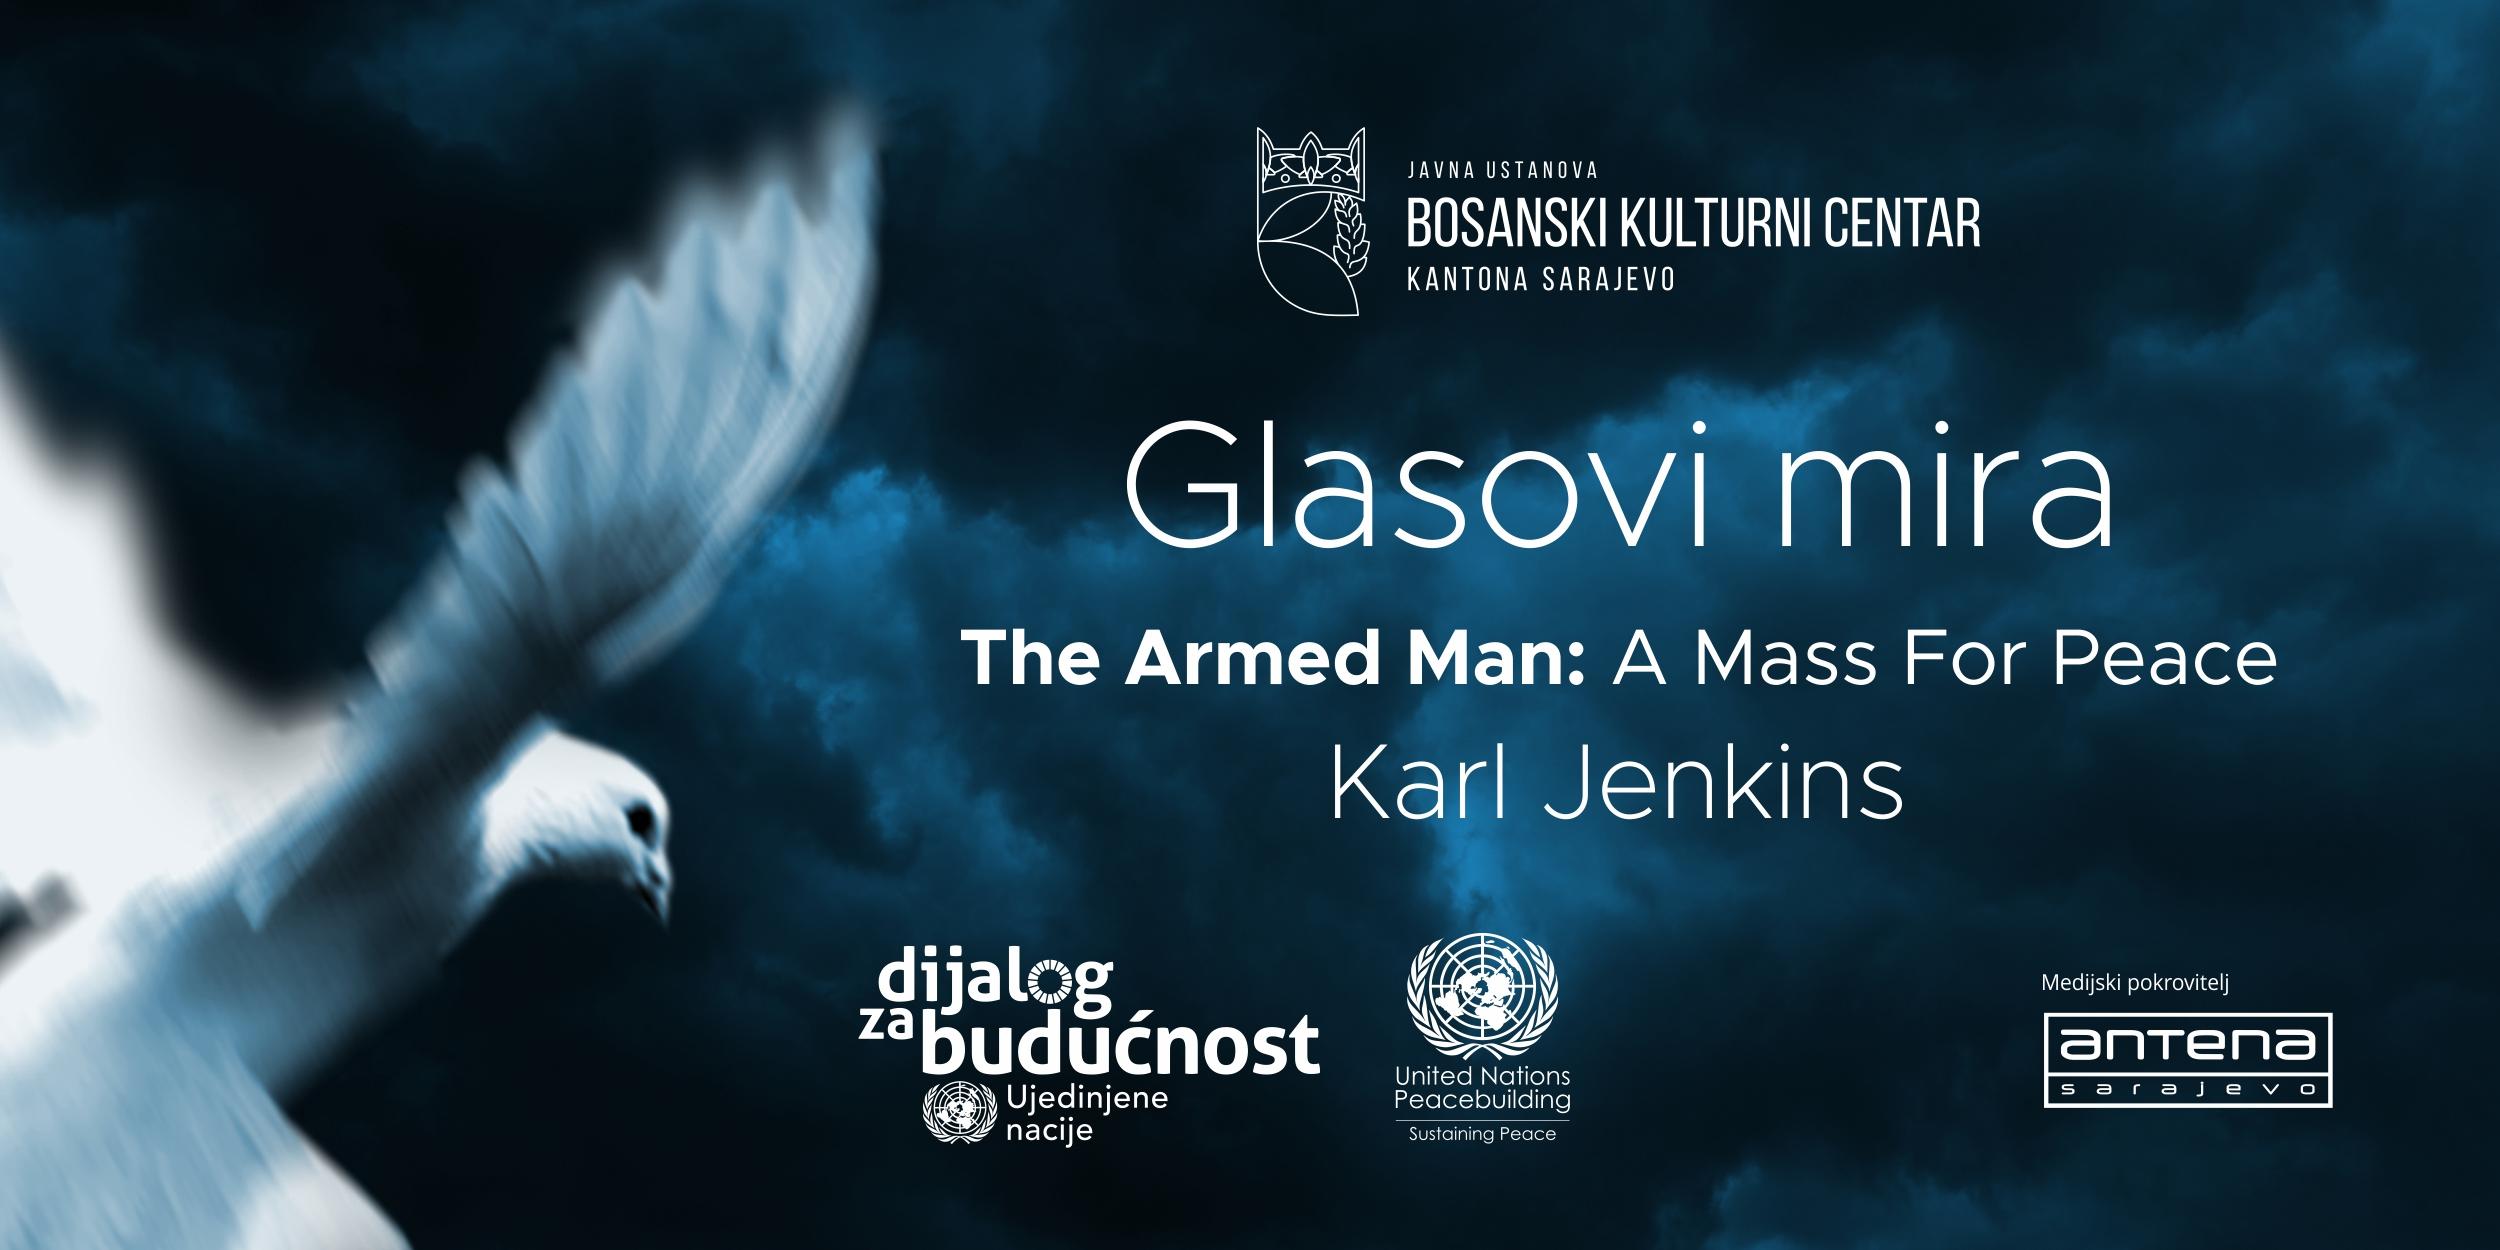 Javni poziv na audiciju za ''Omladinski hor'' muzičko – dramskog  projekt ''Glasovi mira''